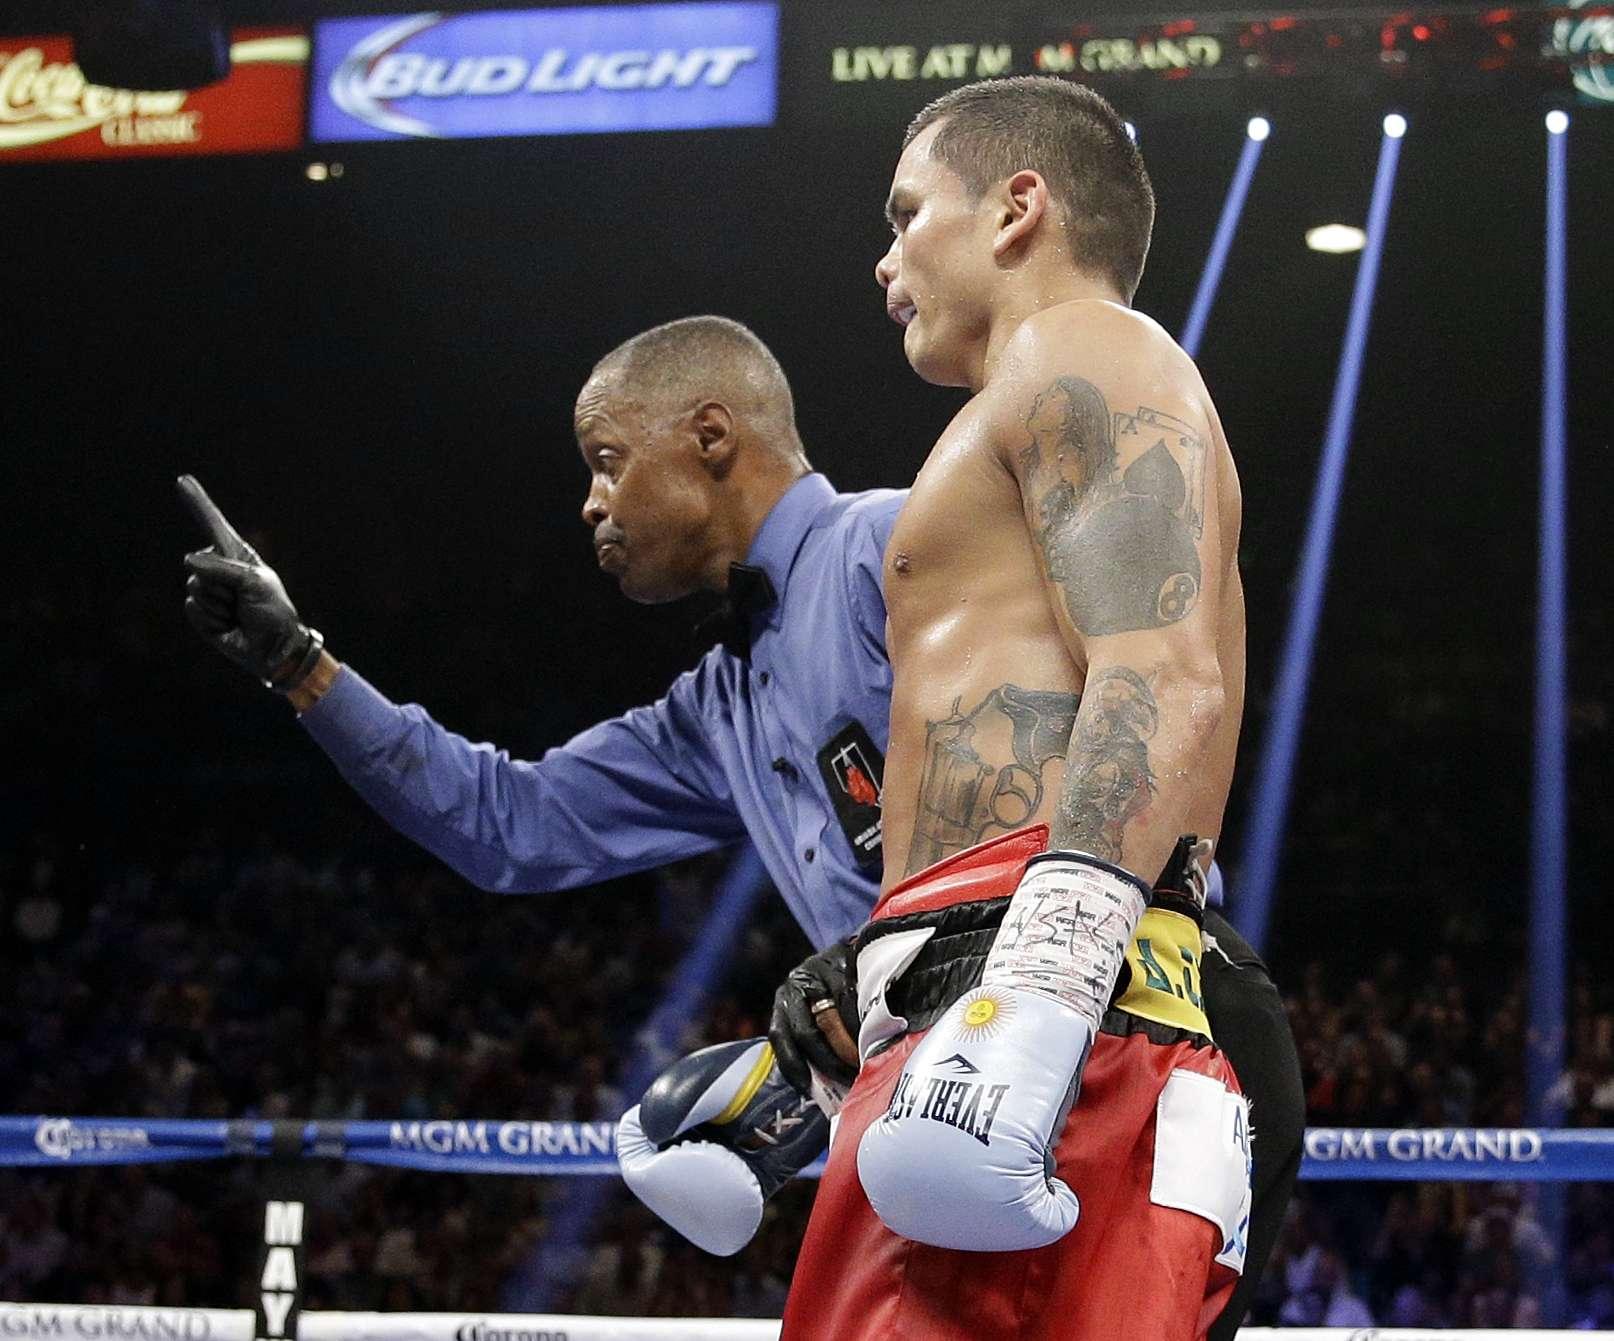 Durante la pelea, Maidana fue sancionado con un punto menos por un codazo a Mayweather. Foto: AP